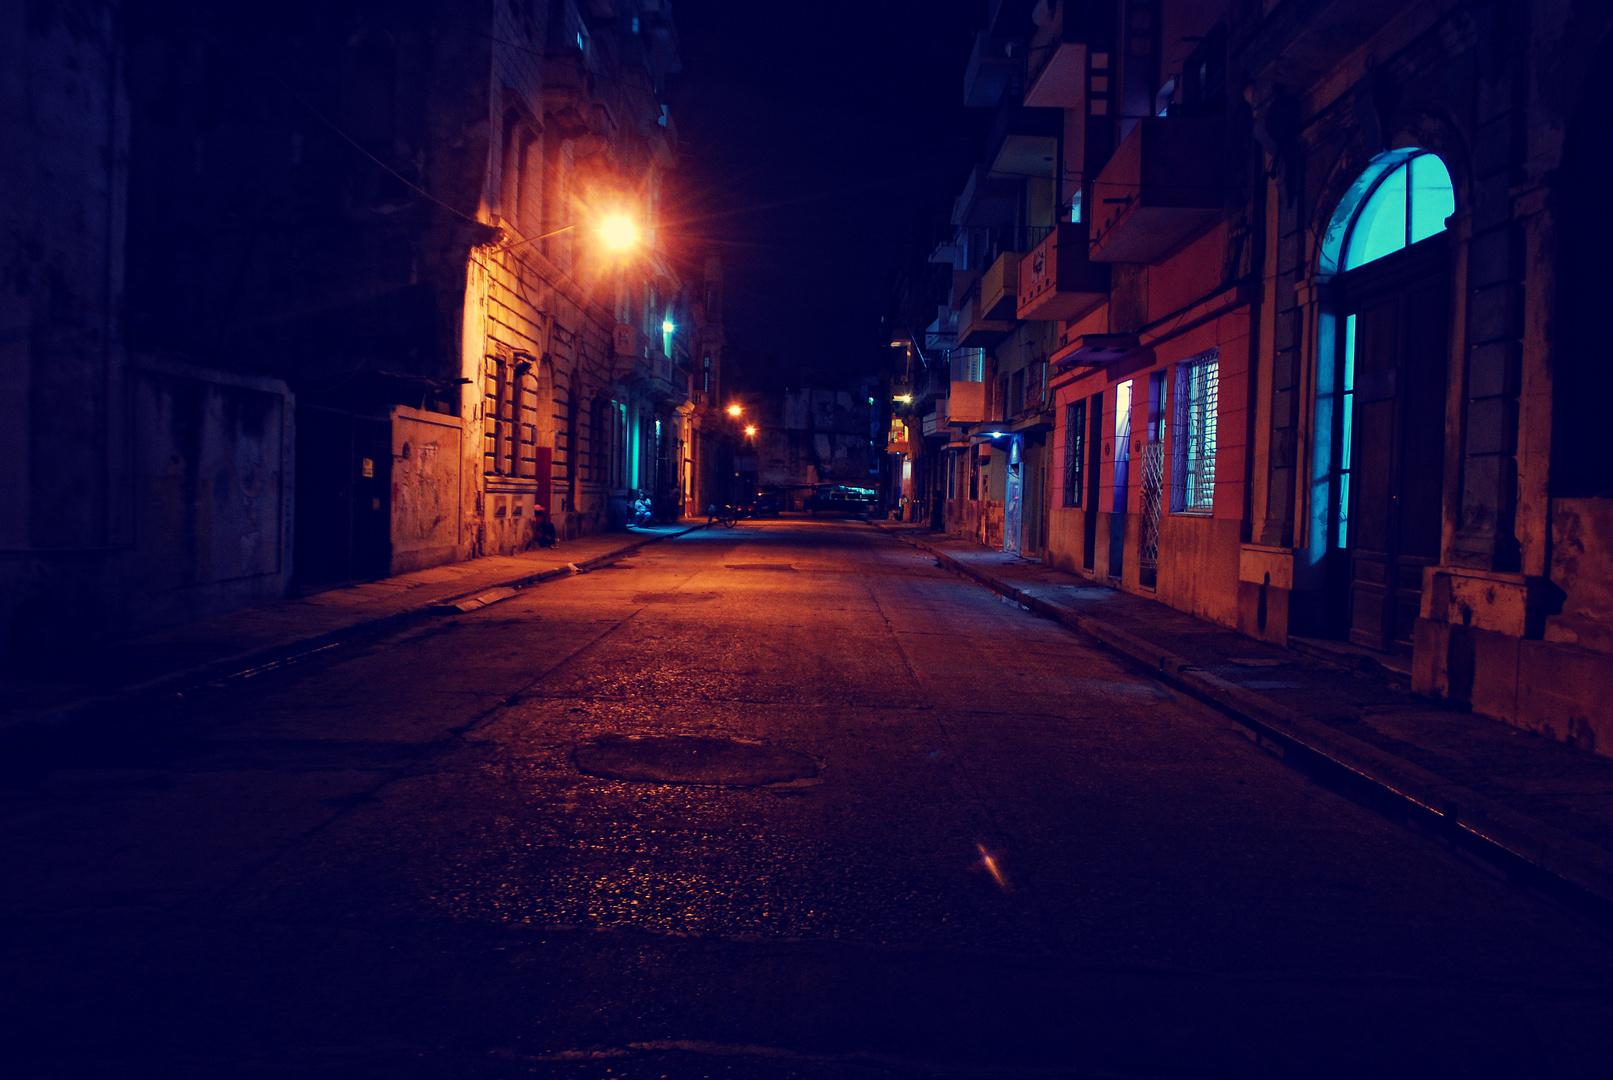 La noche encima